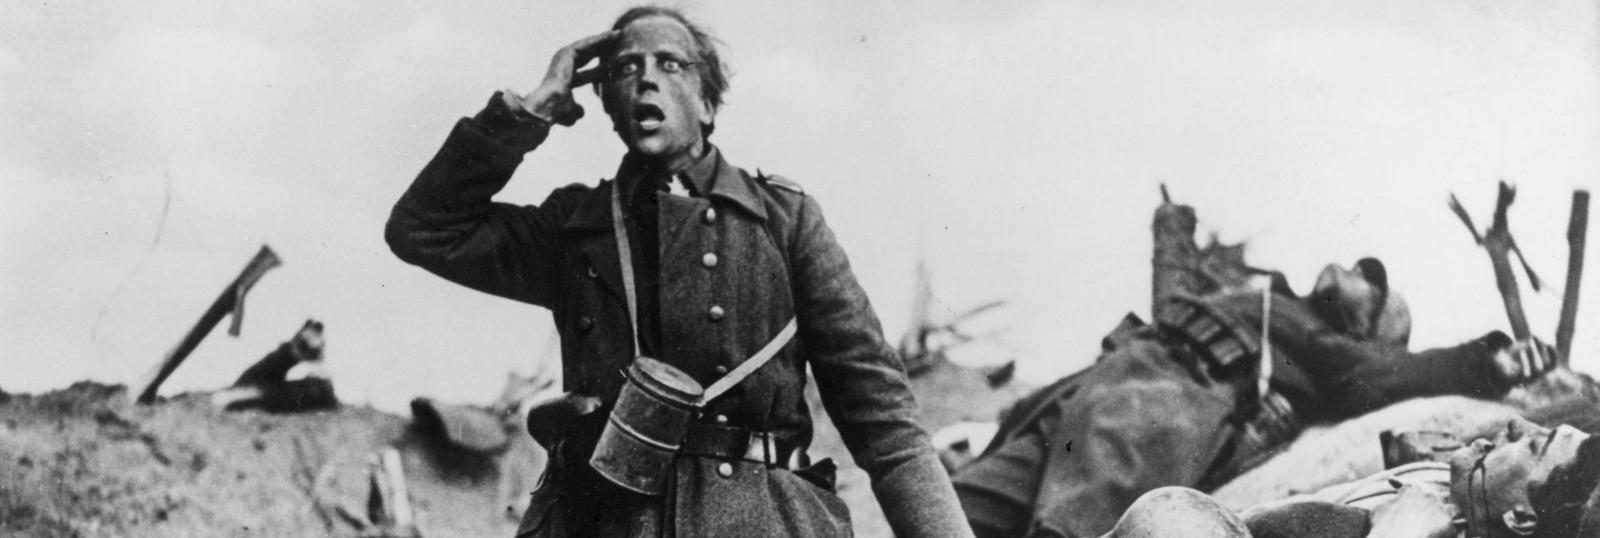 Imagen de 'Cuatro de infantería' de G.W.Pabst